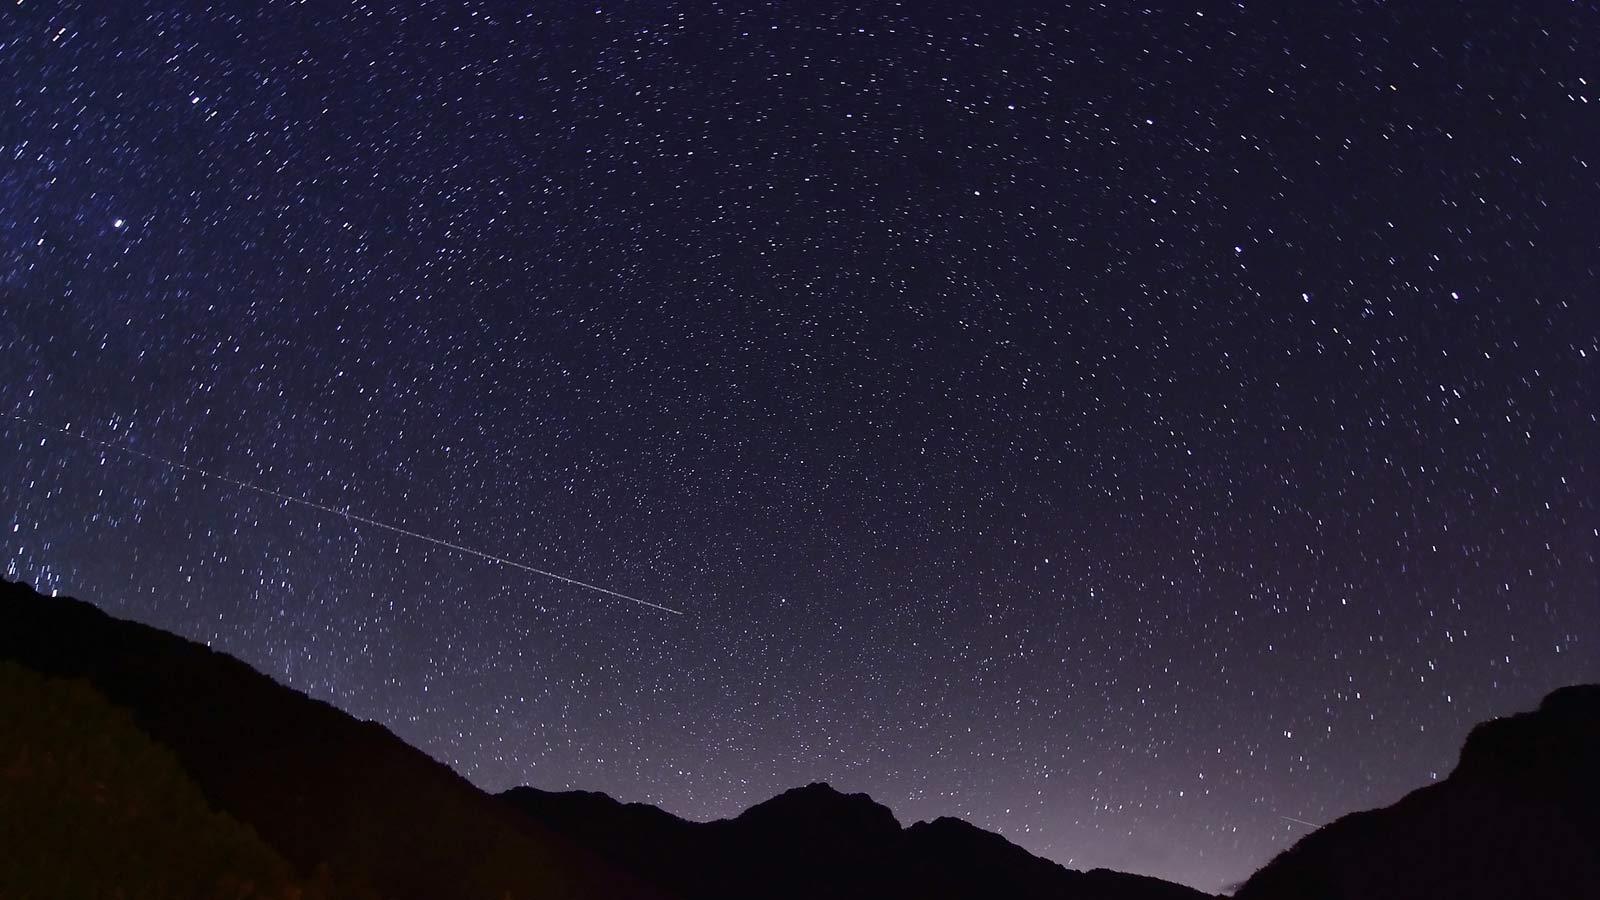 一起去看英仙座流星雨吧!可近距离观赏星空的住宿地特集